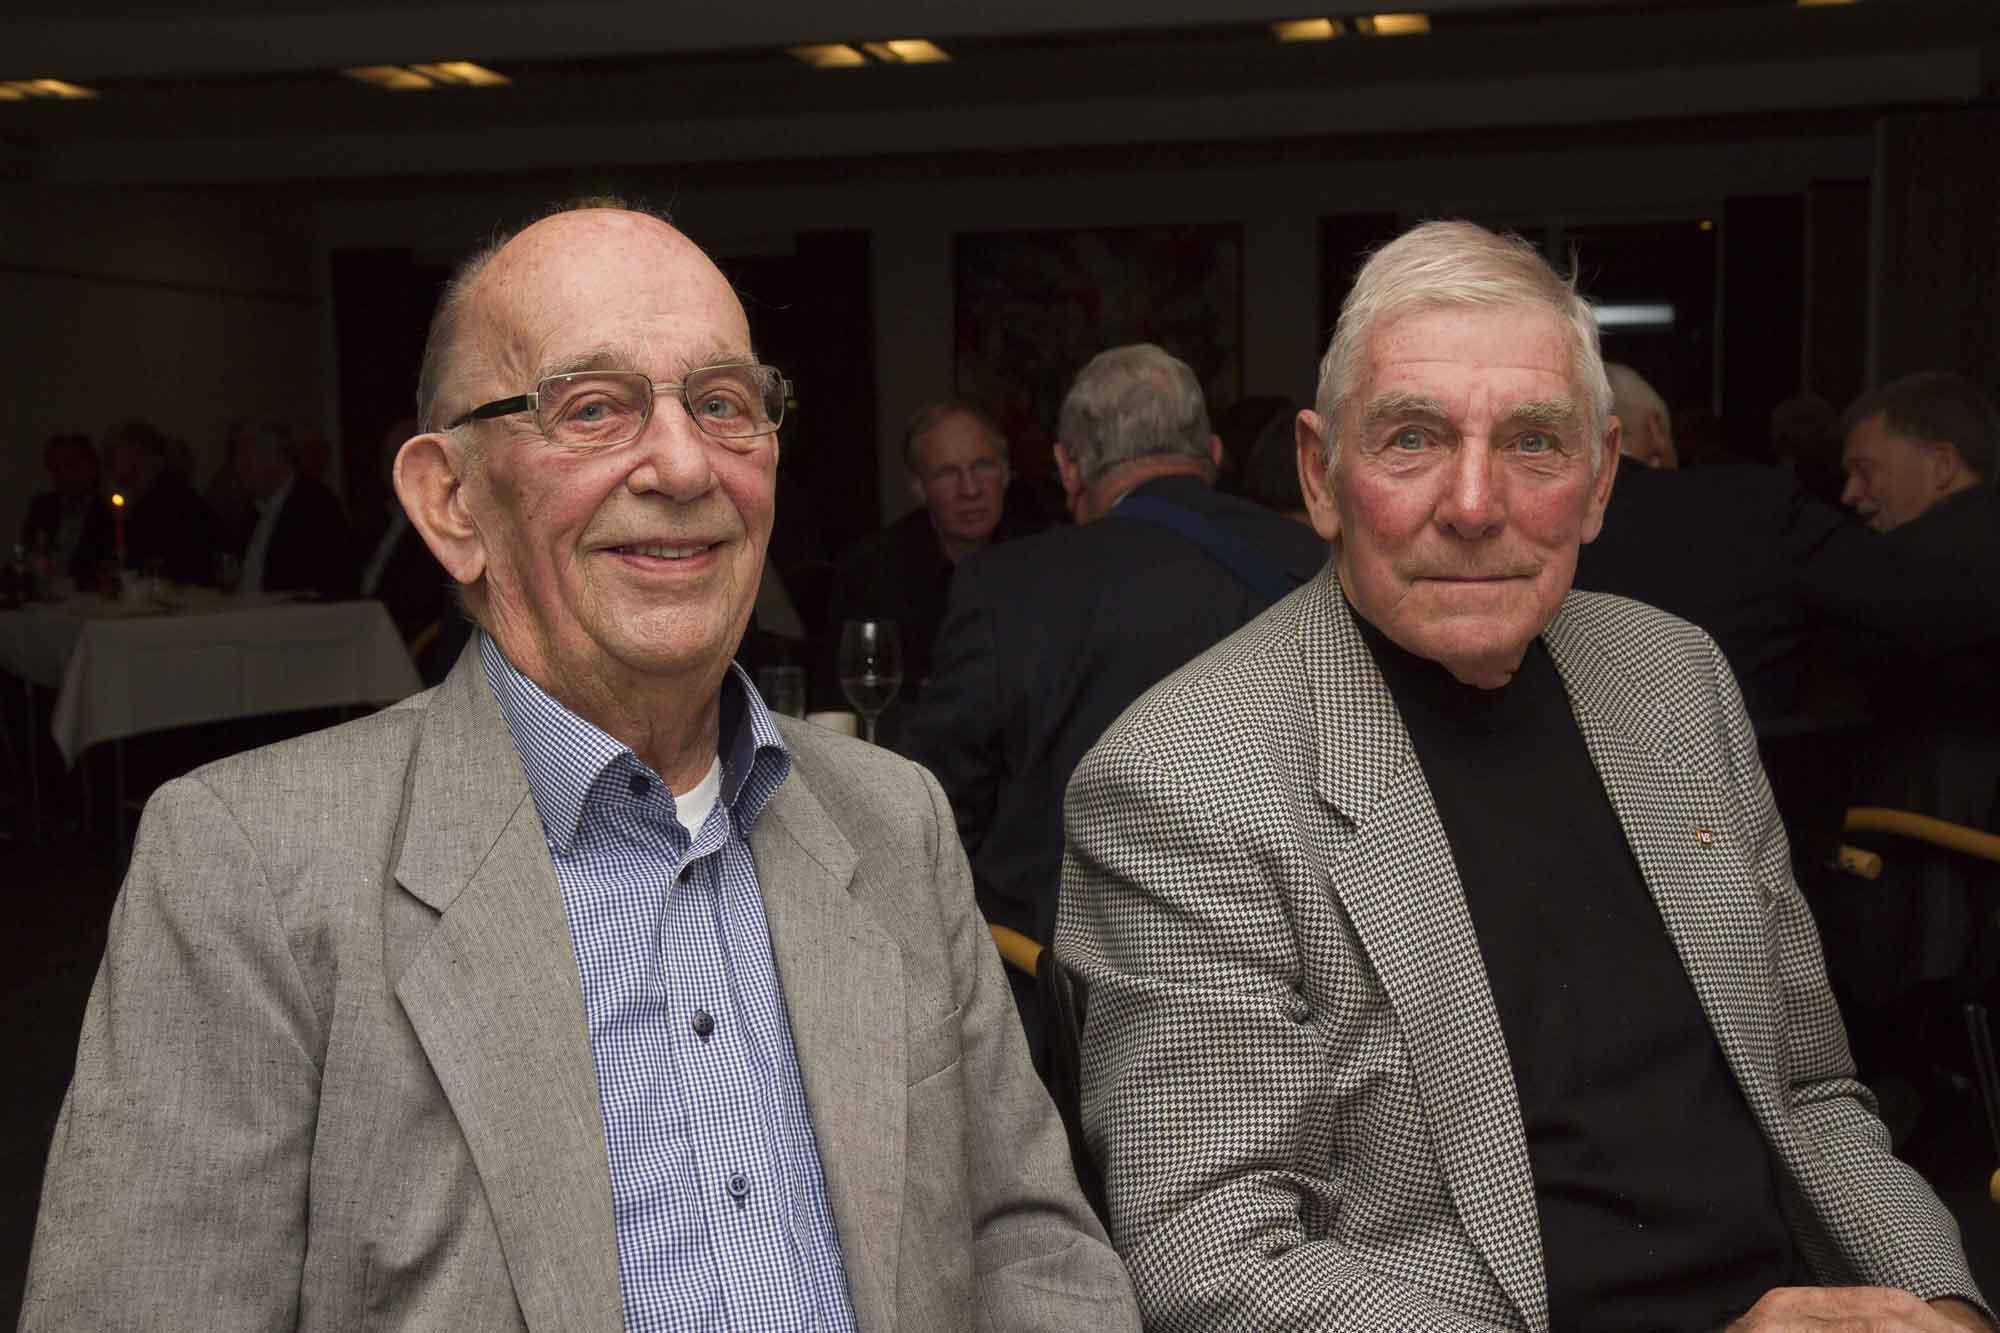 VB legenden Robert Torntoft fyldte 90 år - Blog.speakloud.dk